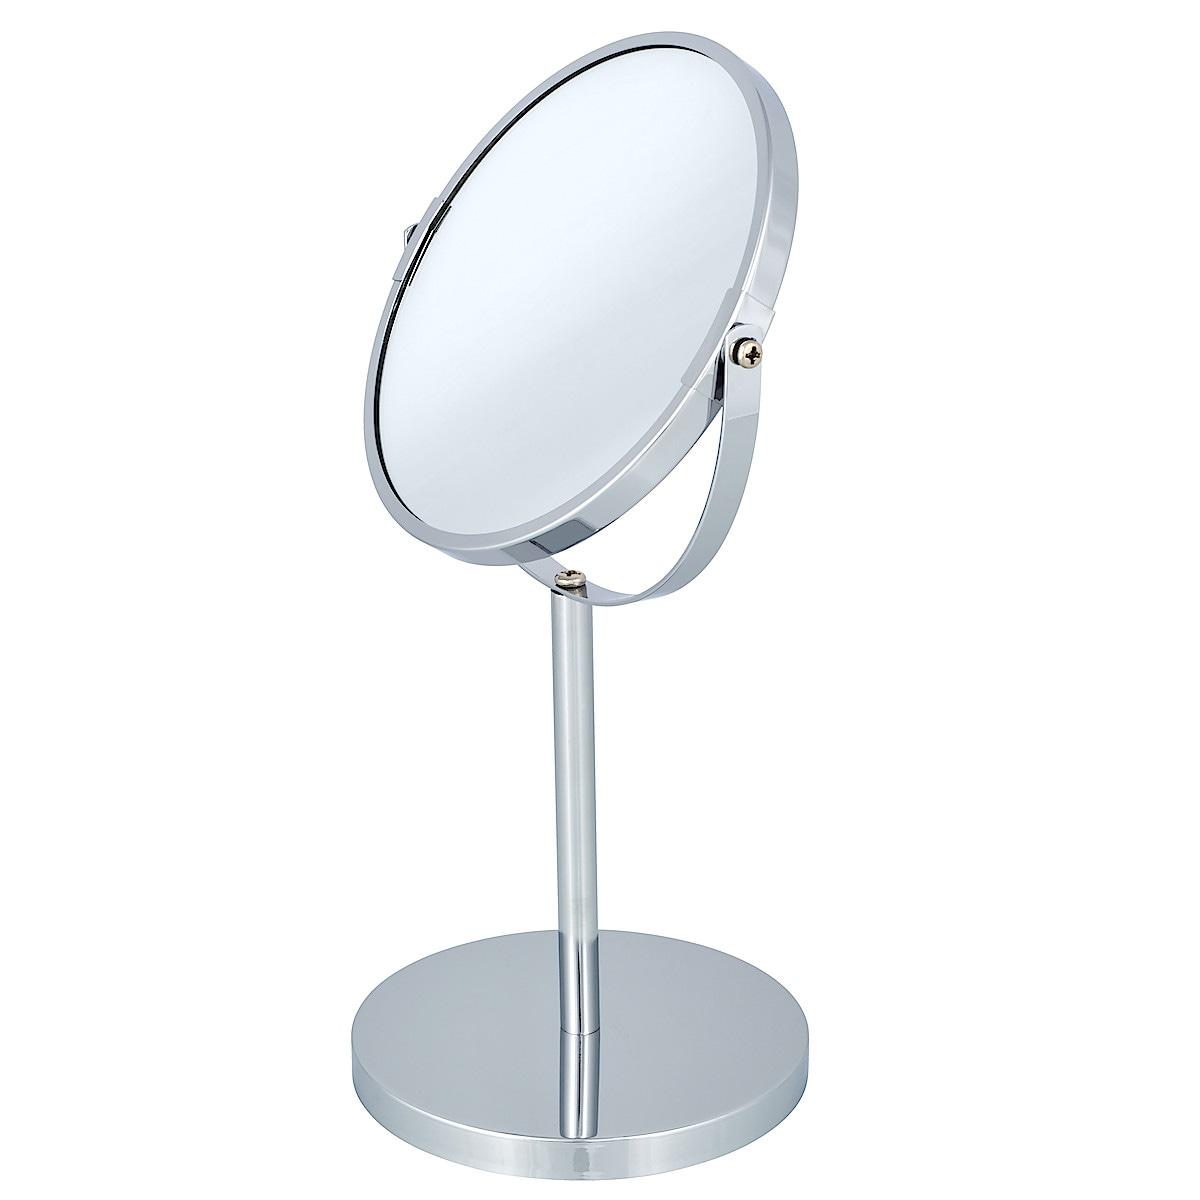 Jalallinen peili